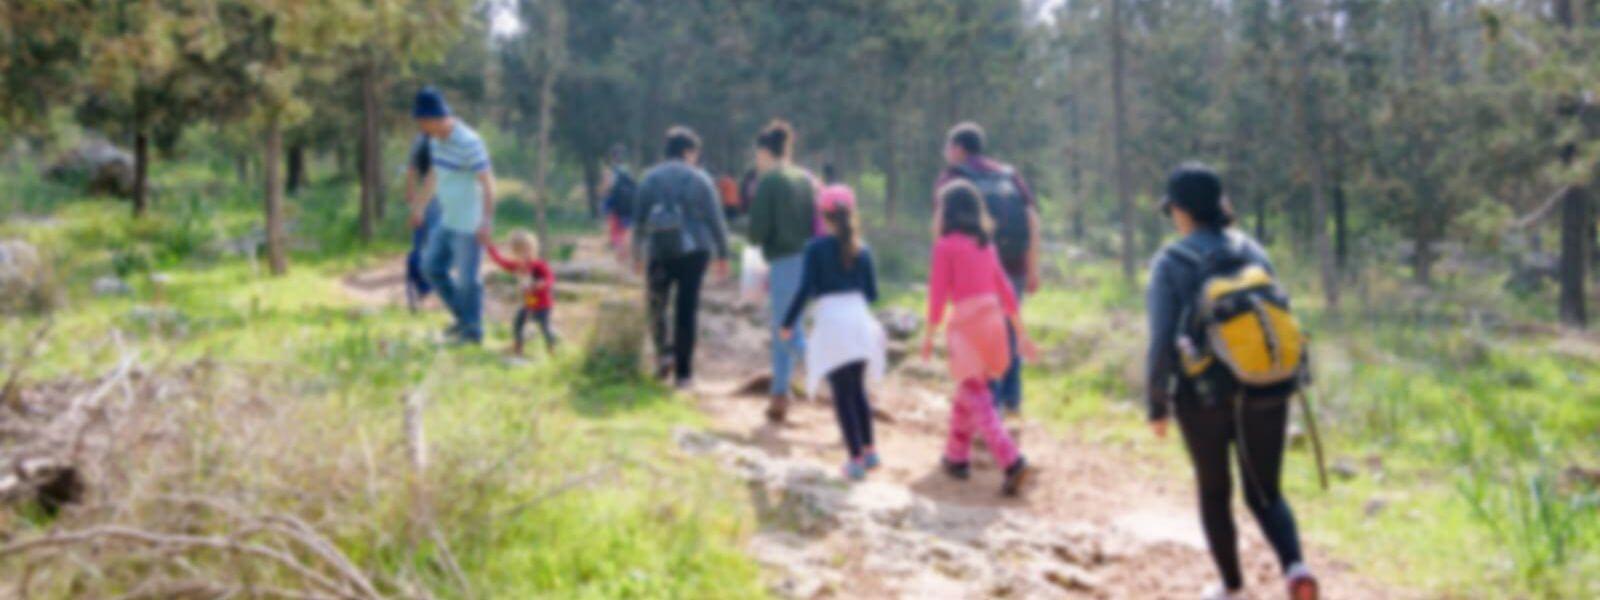 משפחה מטיילת בטבע,באדיבות Bigstock